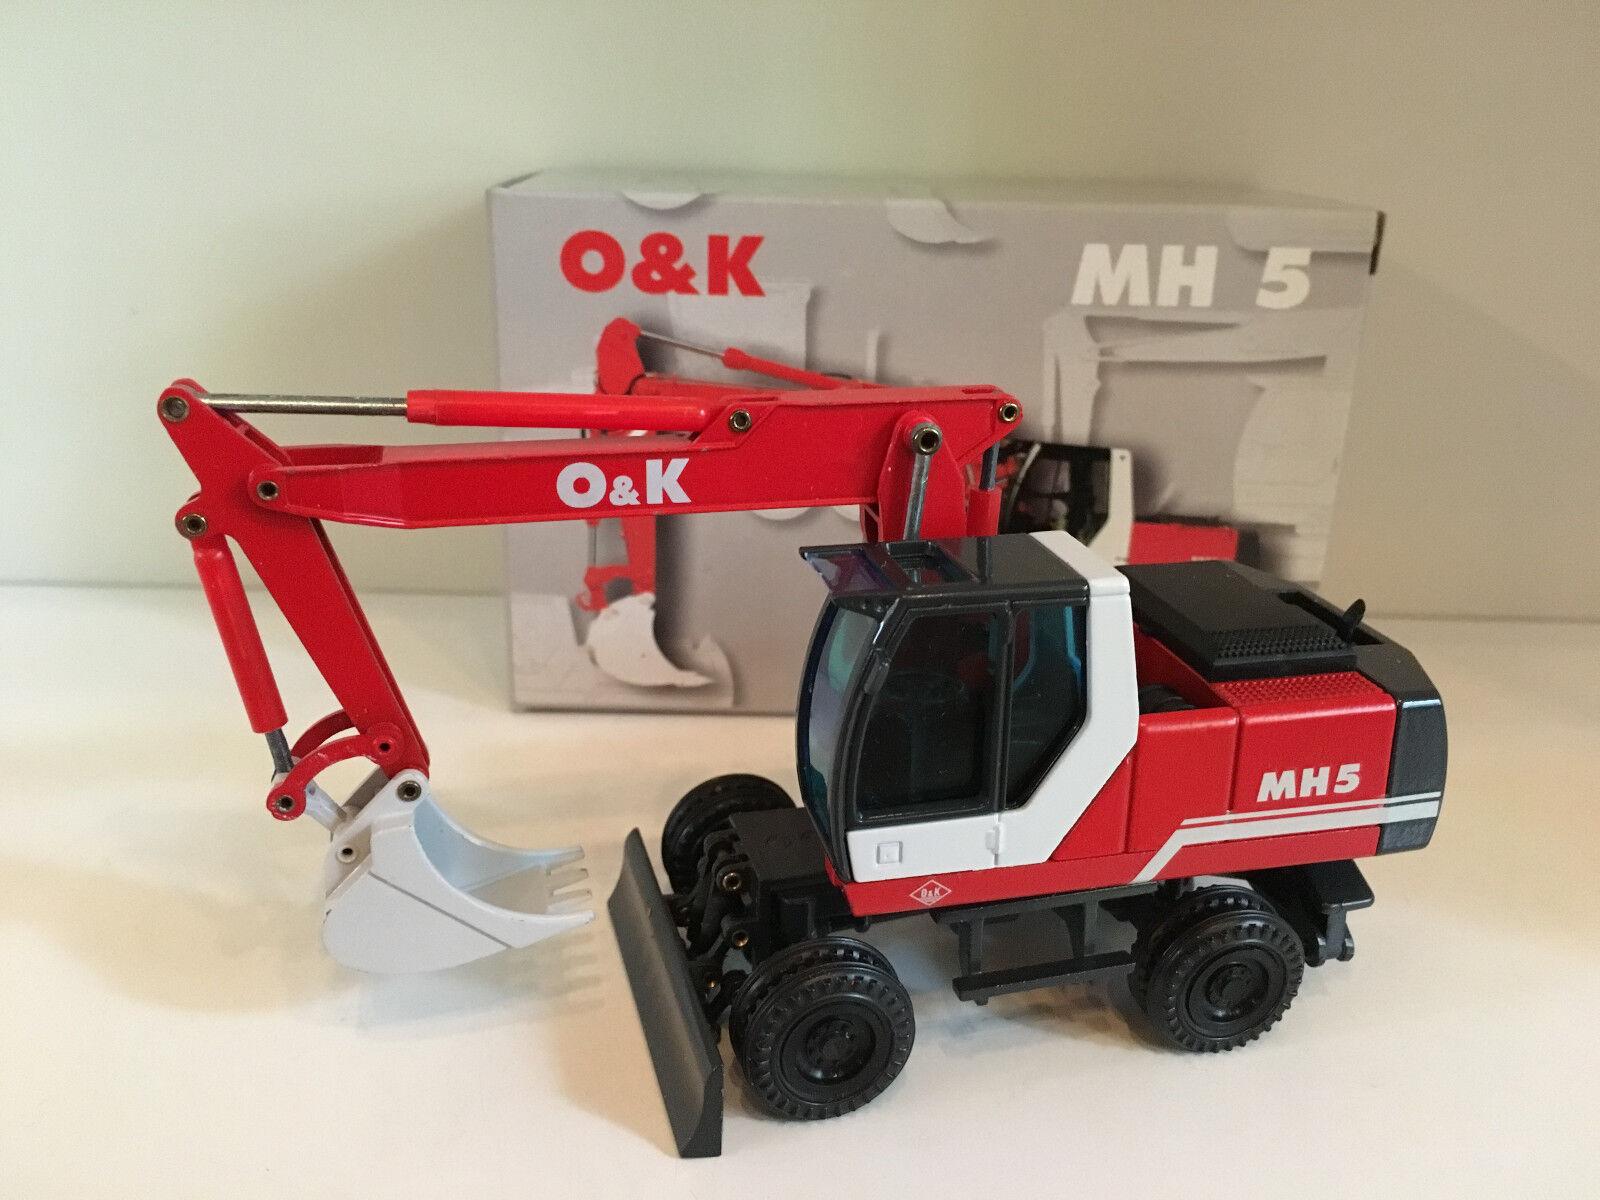 O&K MH 5 Mobilbagger von NZG 457 in 1 50 OVP